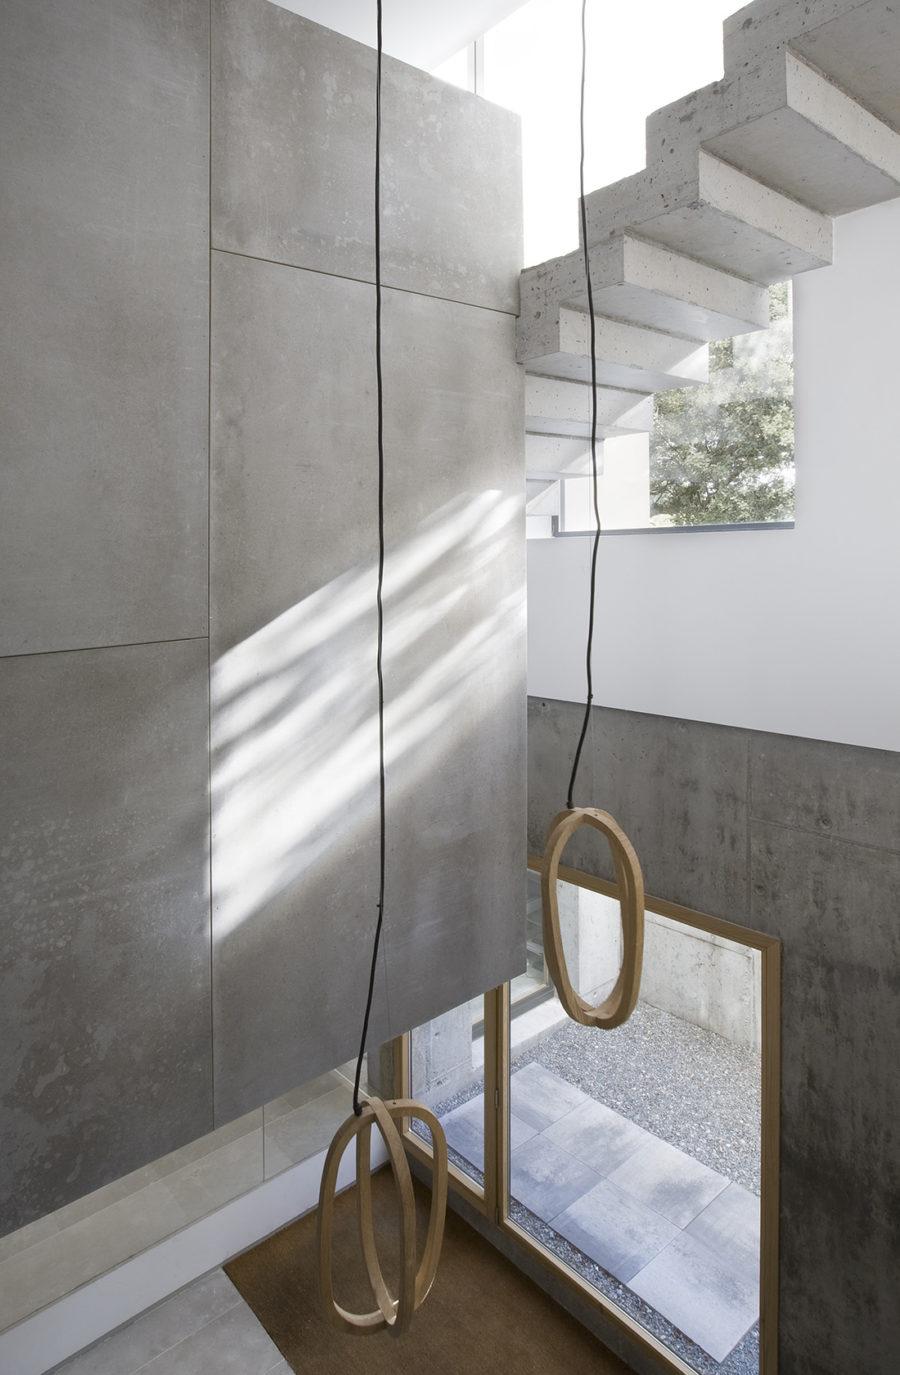 Escalera peldañeada de hormigón doble, sede ÁBATON Arquitectura